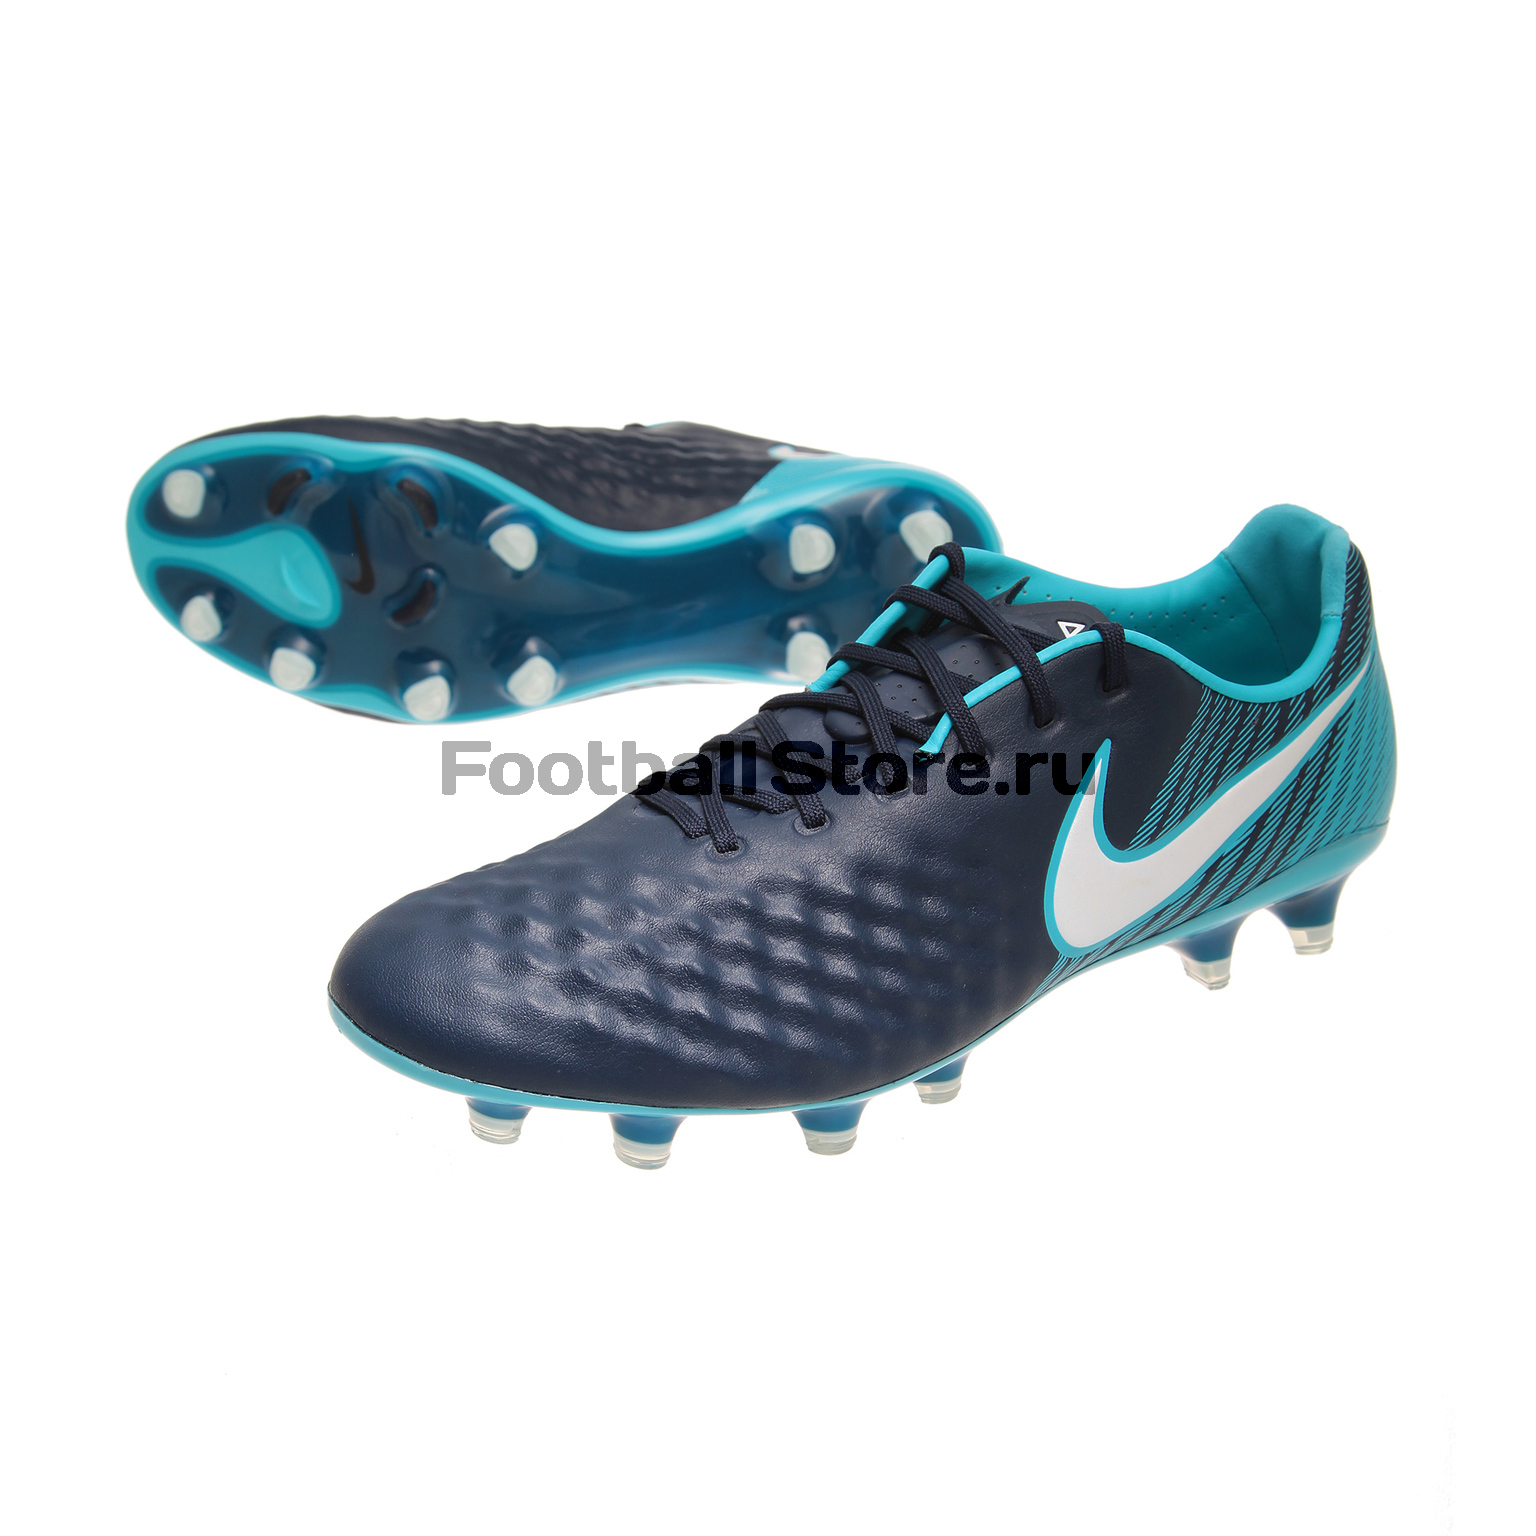 Бутсы Nike Magista Opus II FG 843813-414 бутсы nike tiempo rio ii tf 631289 470 858